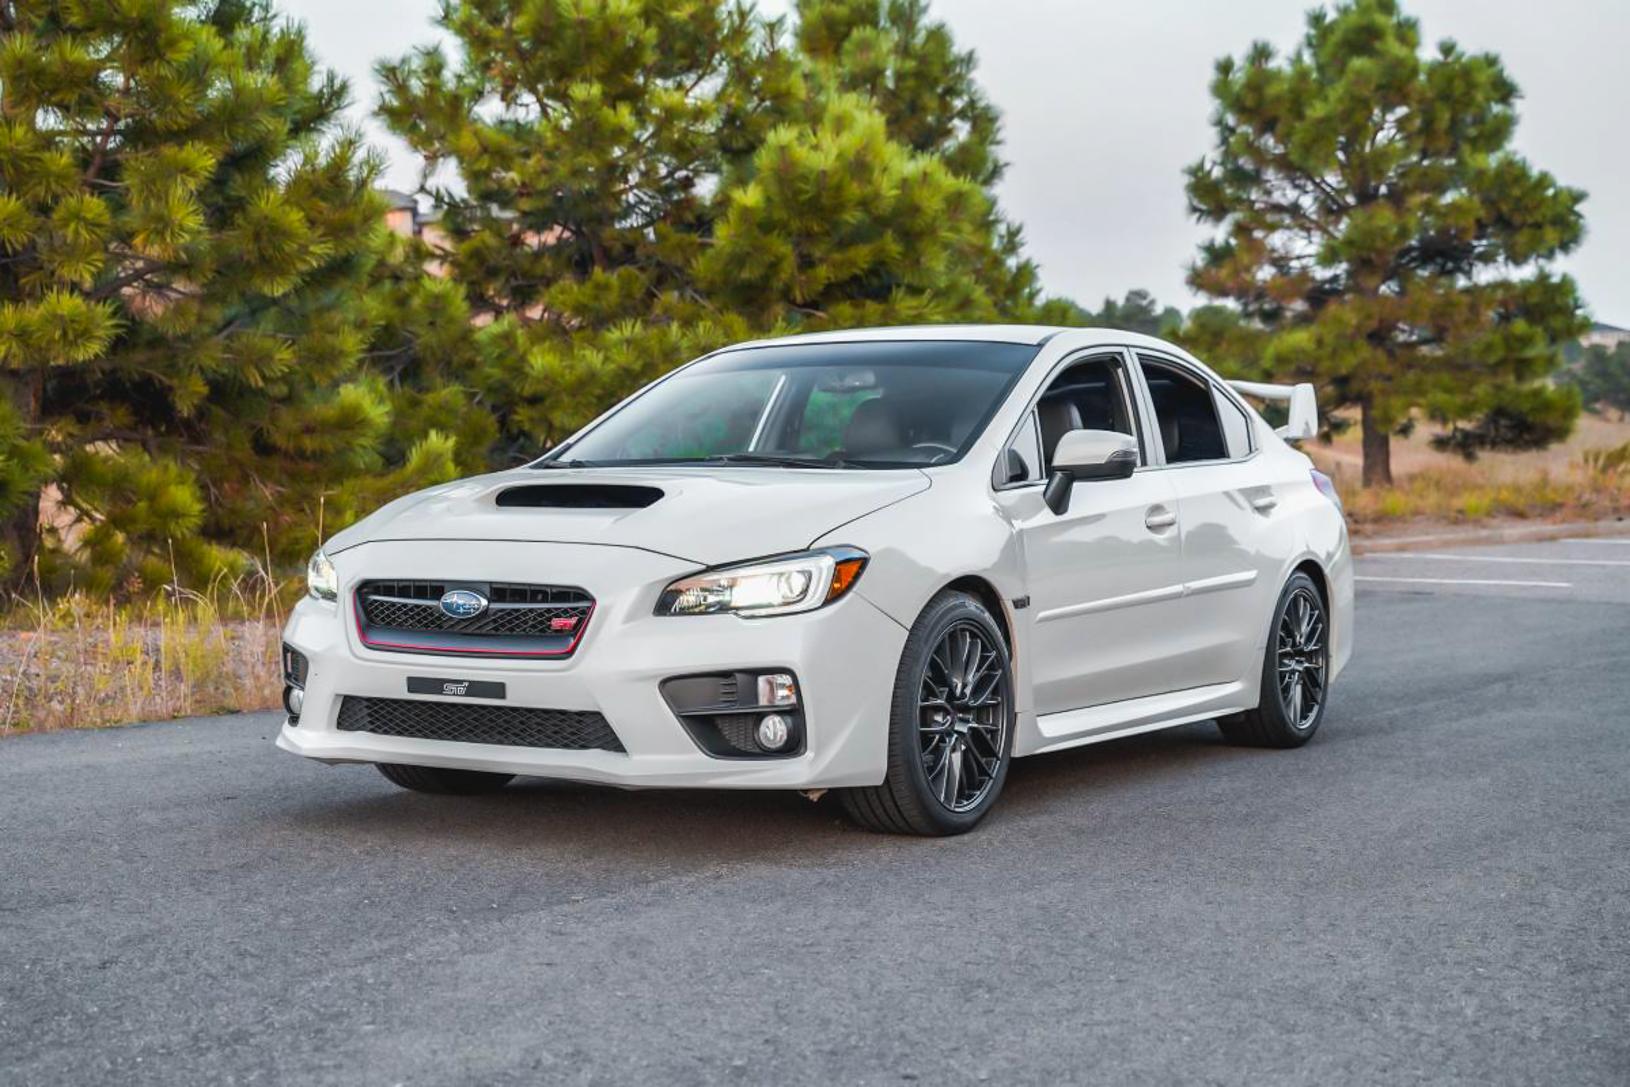 2015 Subaru STI